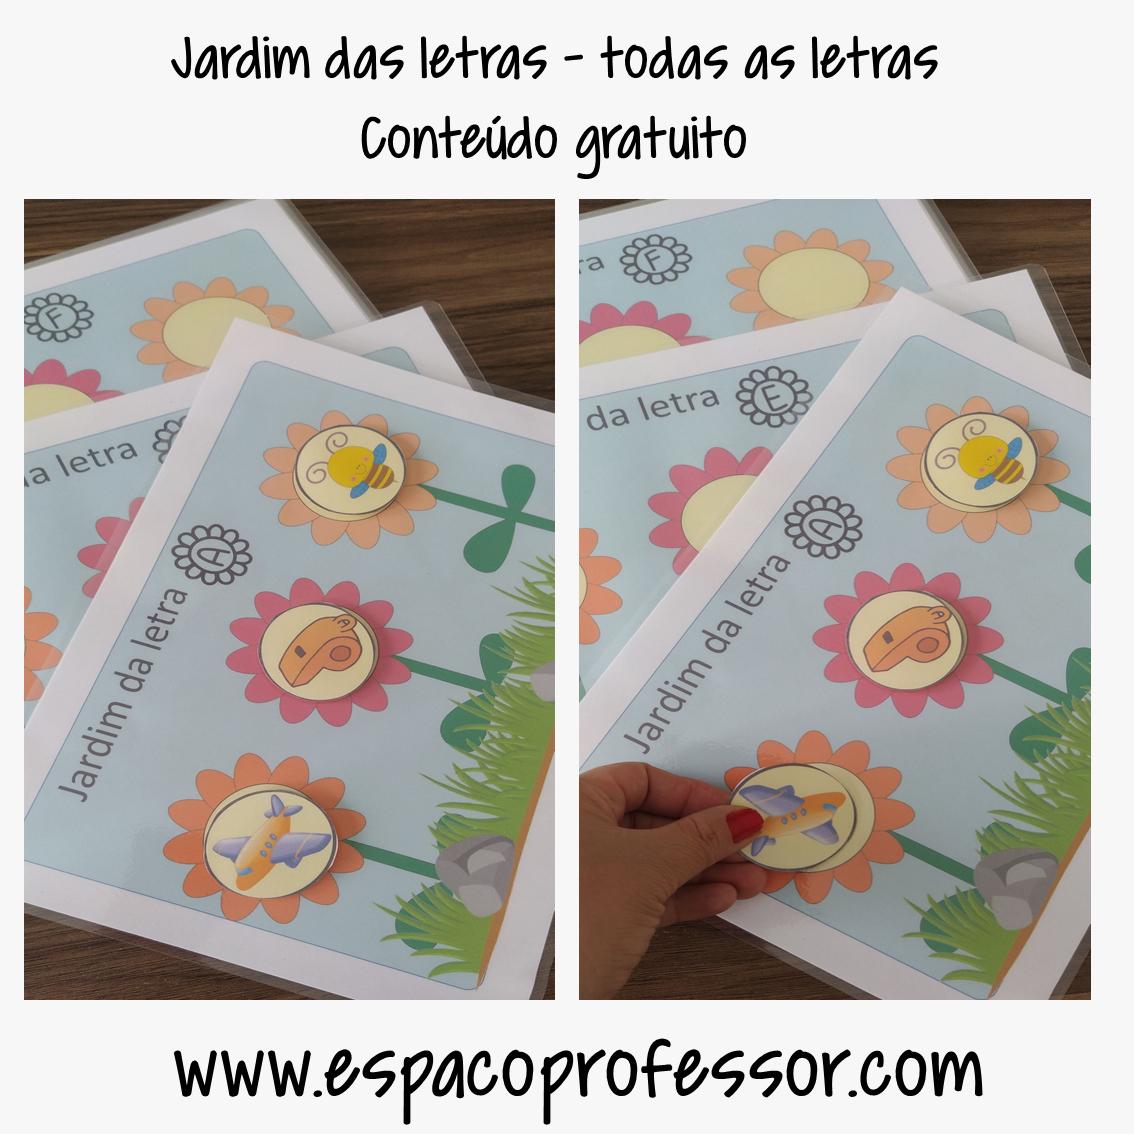 Jogo de Alfabetização Jardim das letras em PDF para baixar